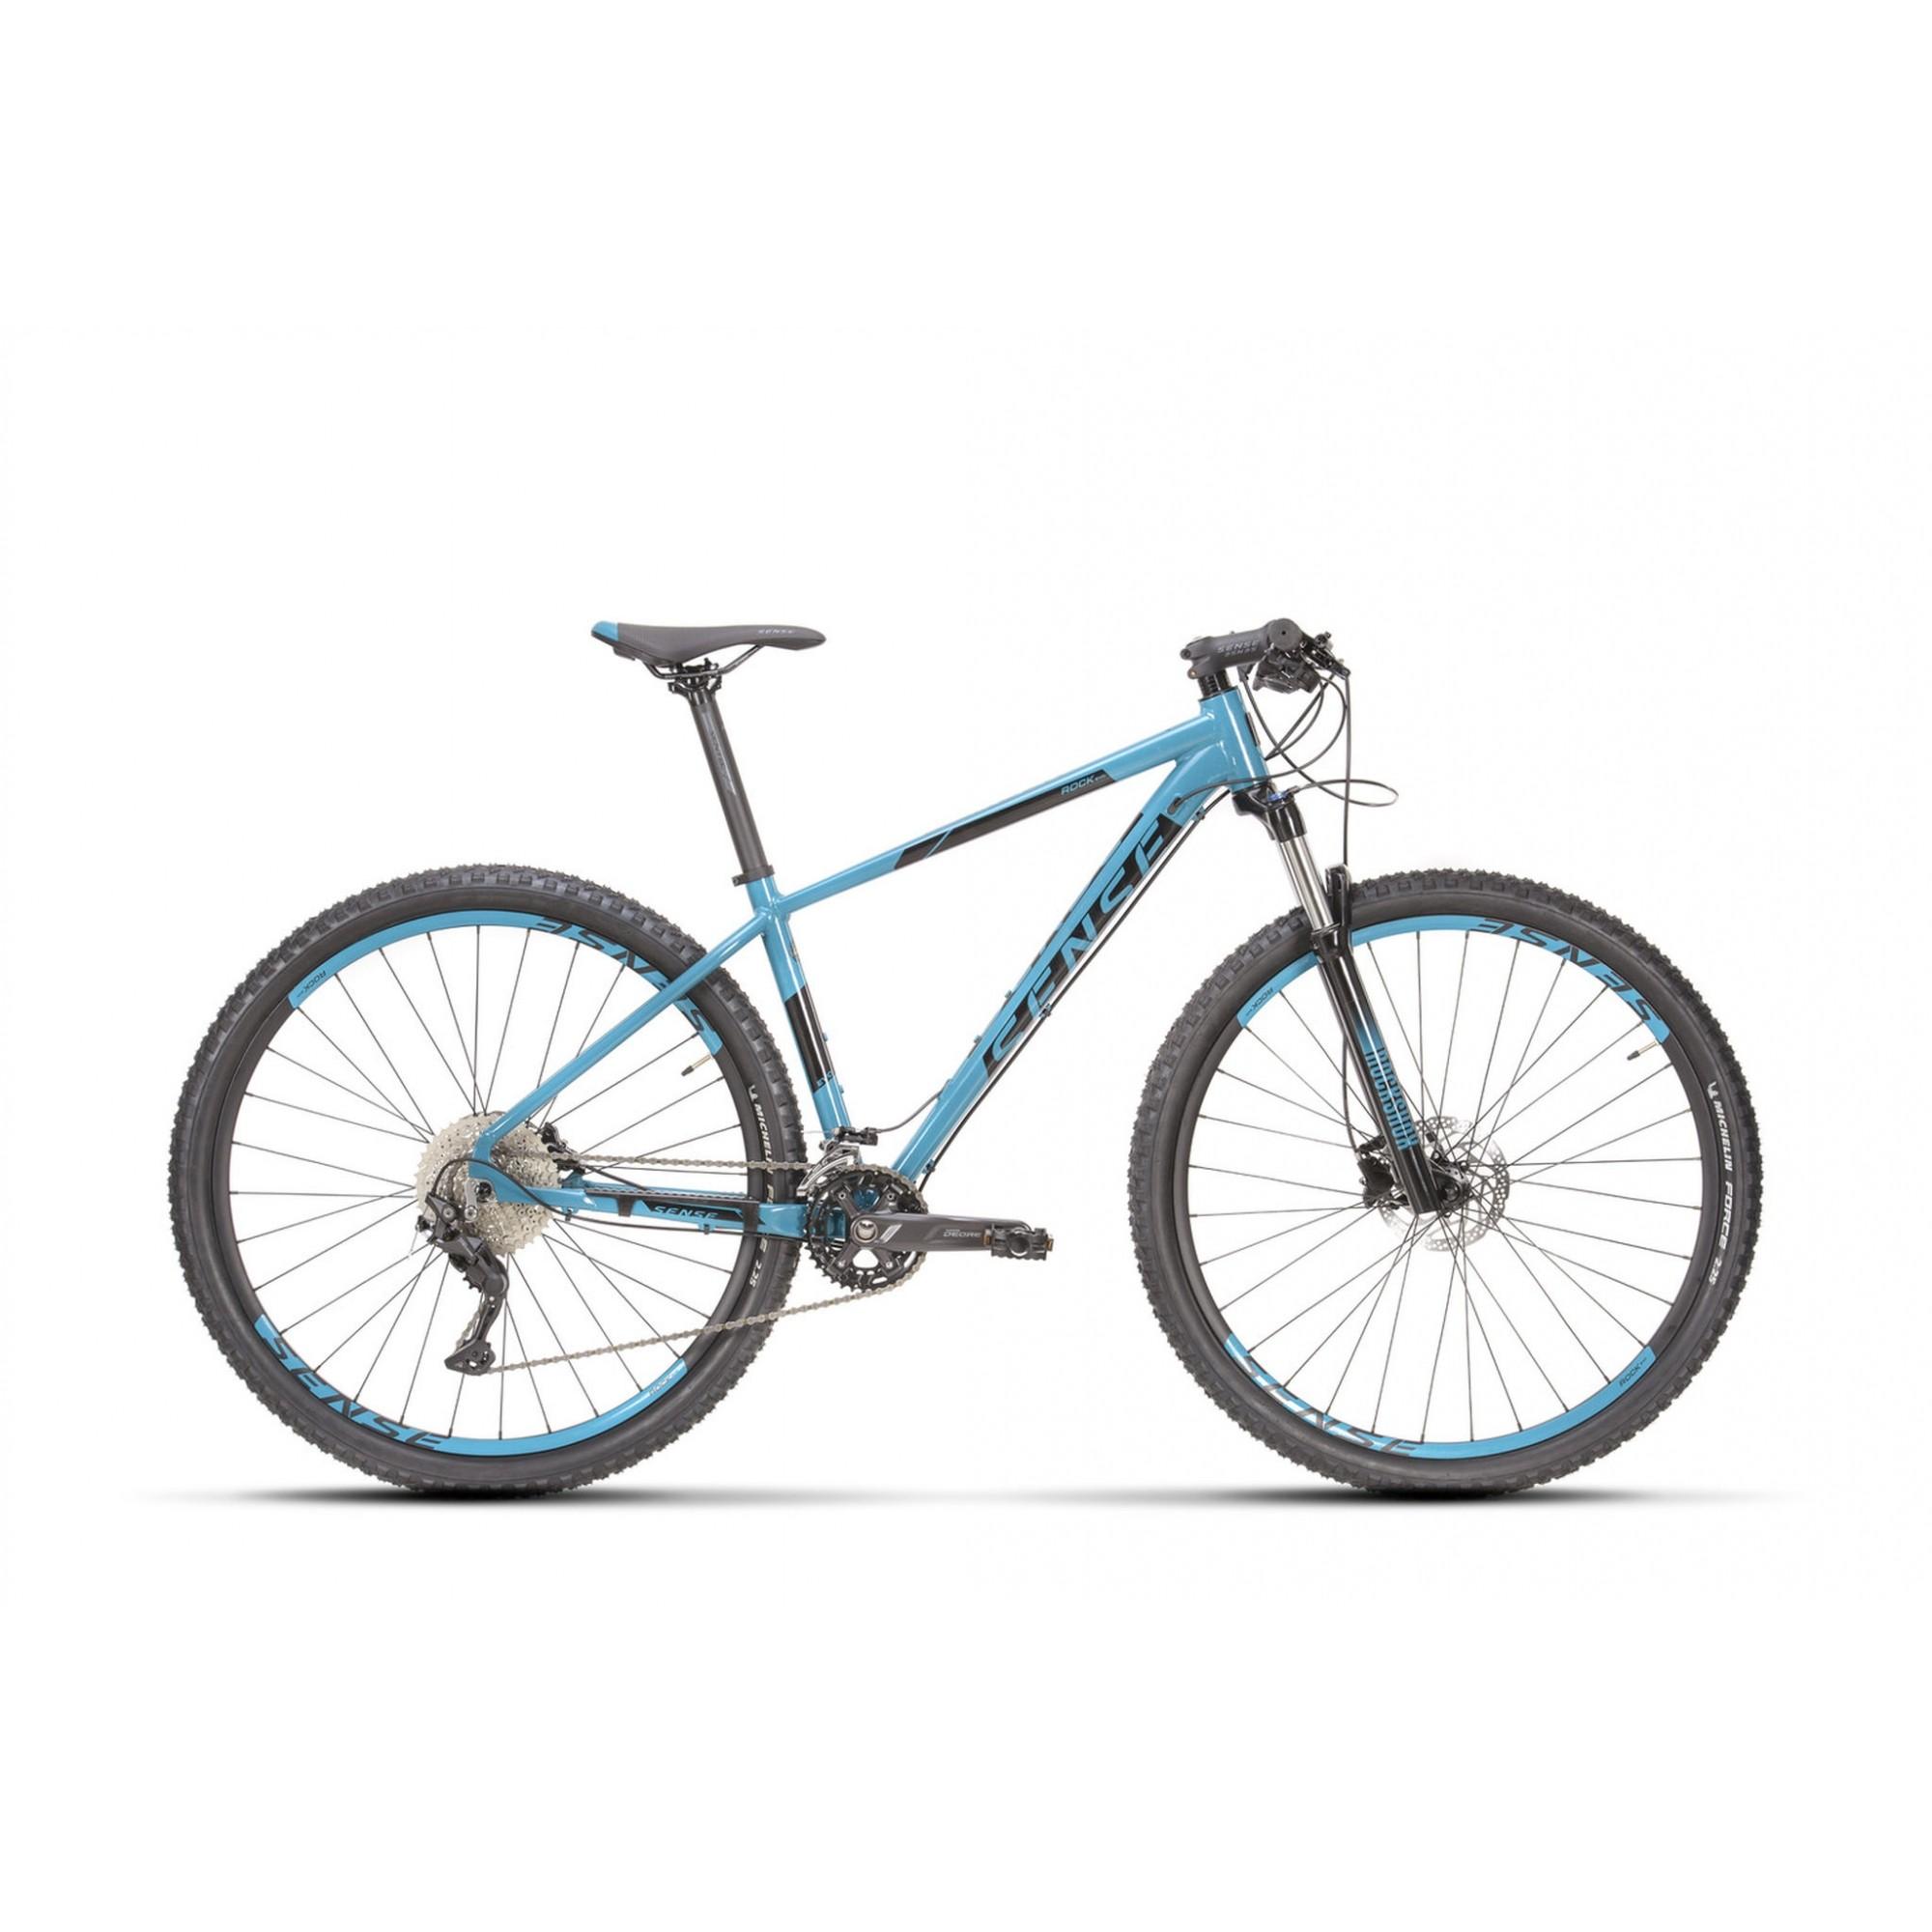 Bicicleta SENSE Rock Evo 2021 - 20v Shimano Deore - Suspensão RockShox Judy - Aqua/Preto